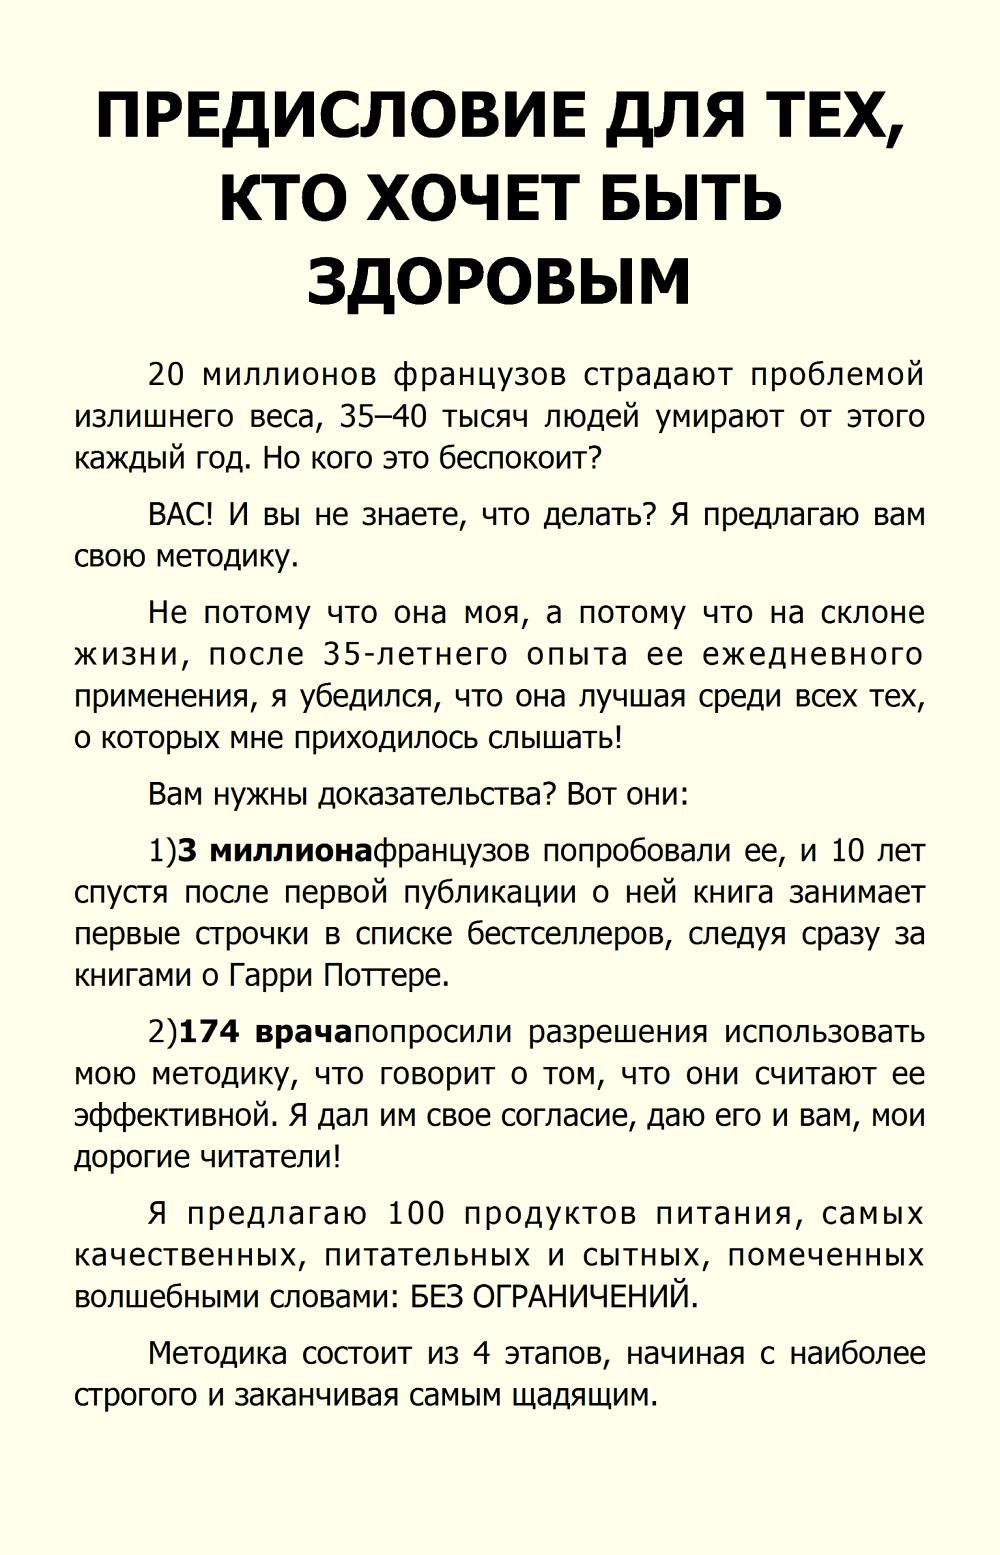 http://i1.imageban.ru/out/2014/01/21/fa60b45548993960eac56ac952bc4f7a.jpg